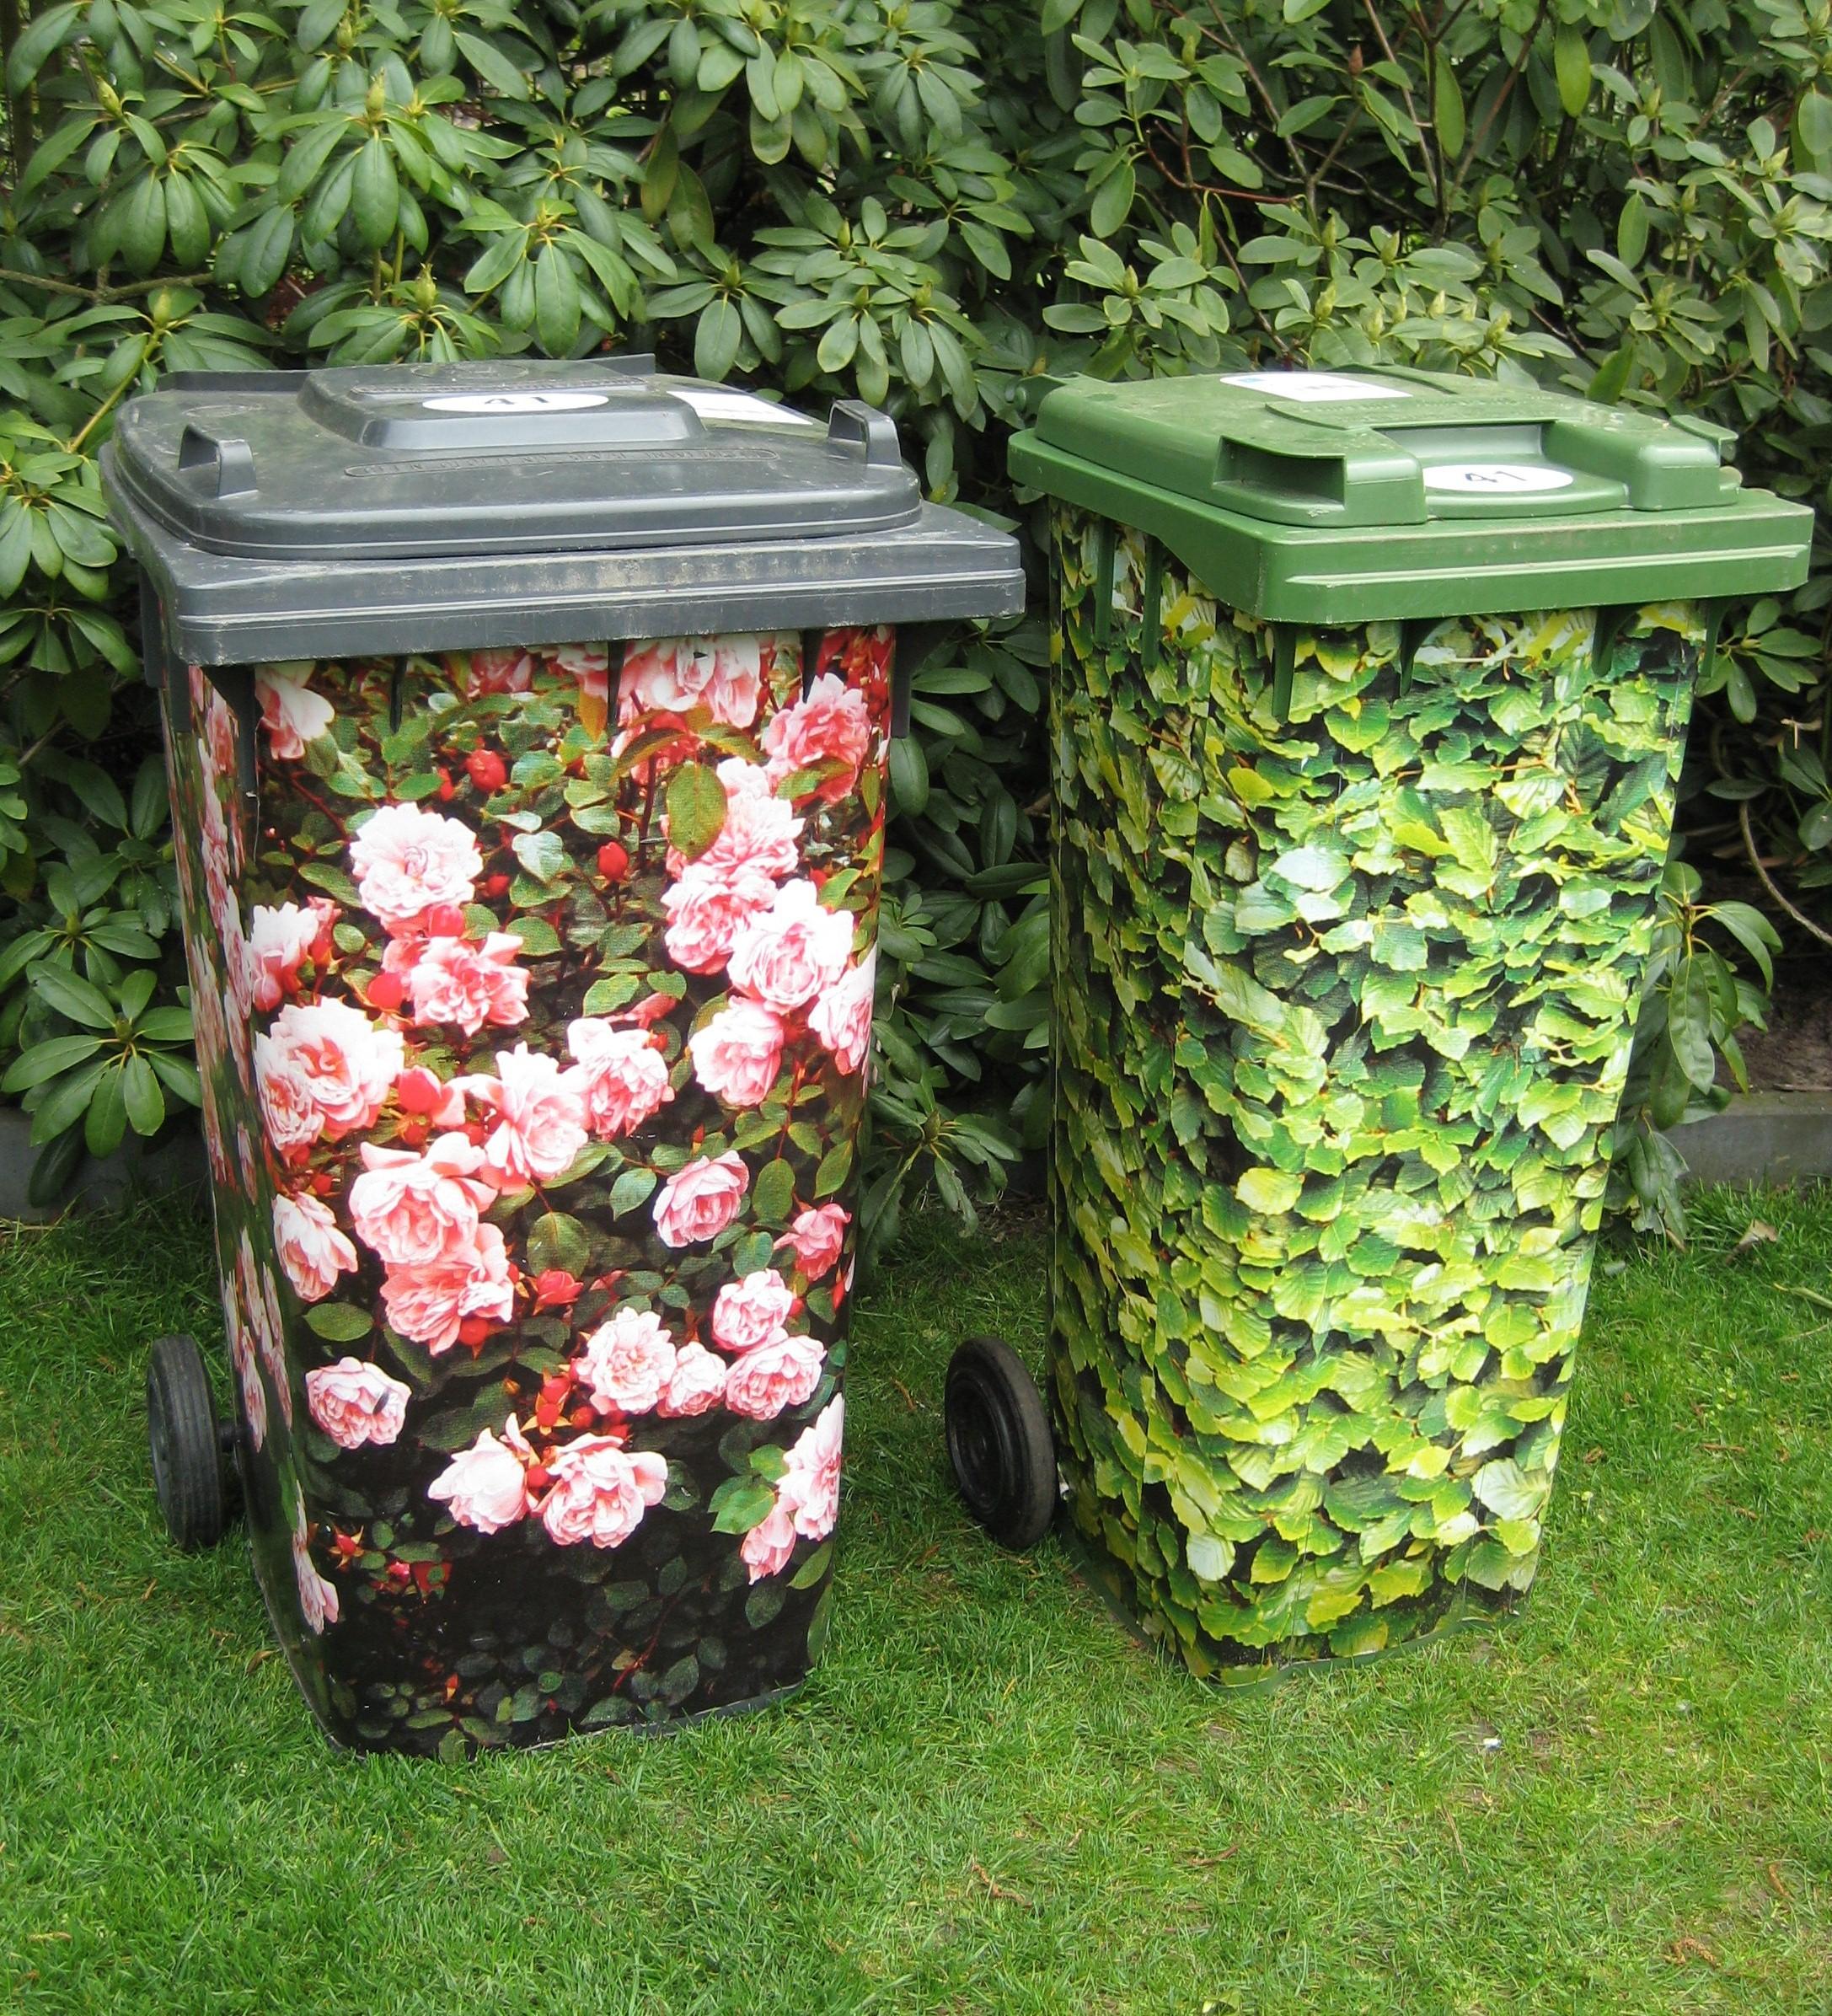 14 id es pour dissimuler les conteneurs poubelle dans votre jardin page 3 sur 3 des id es. Black Bedroom Furniture Sets. Home Design Ideas